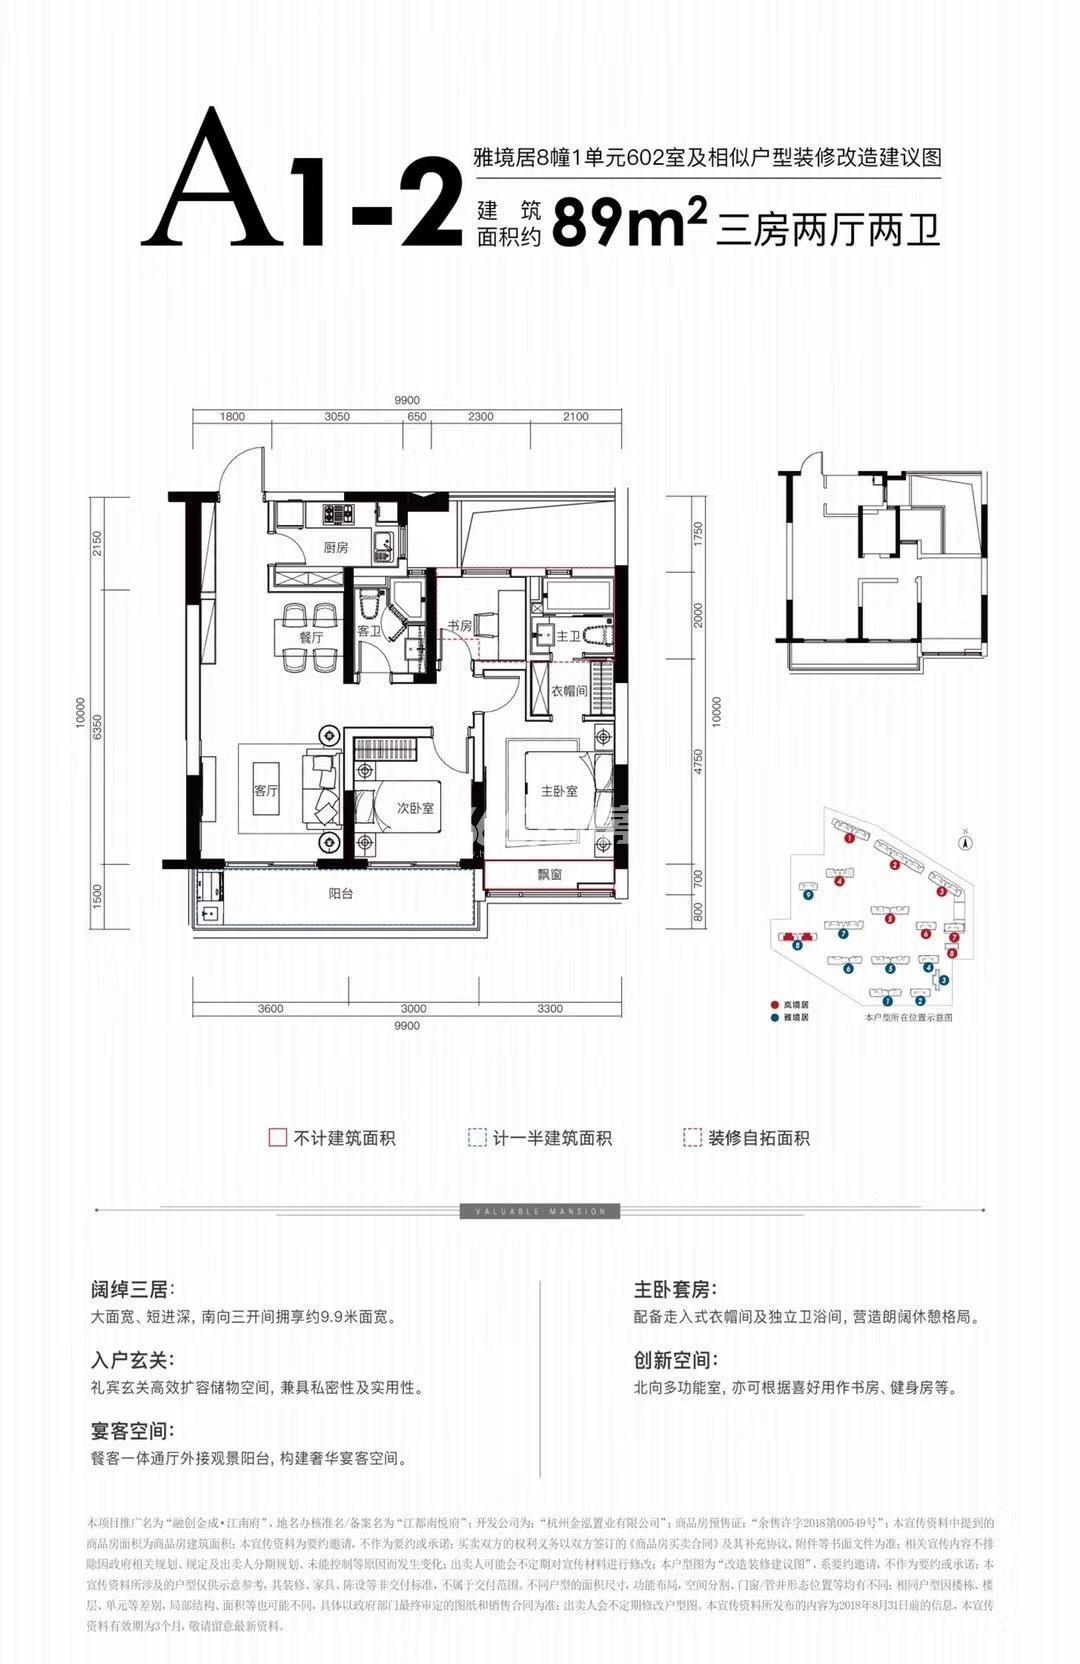 融创金成江南府二期8号楼A1-2户型89方